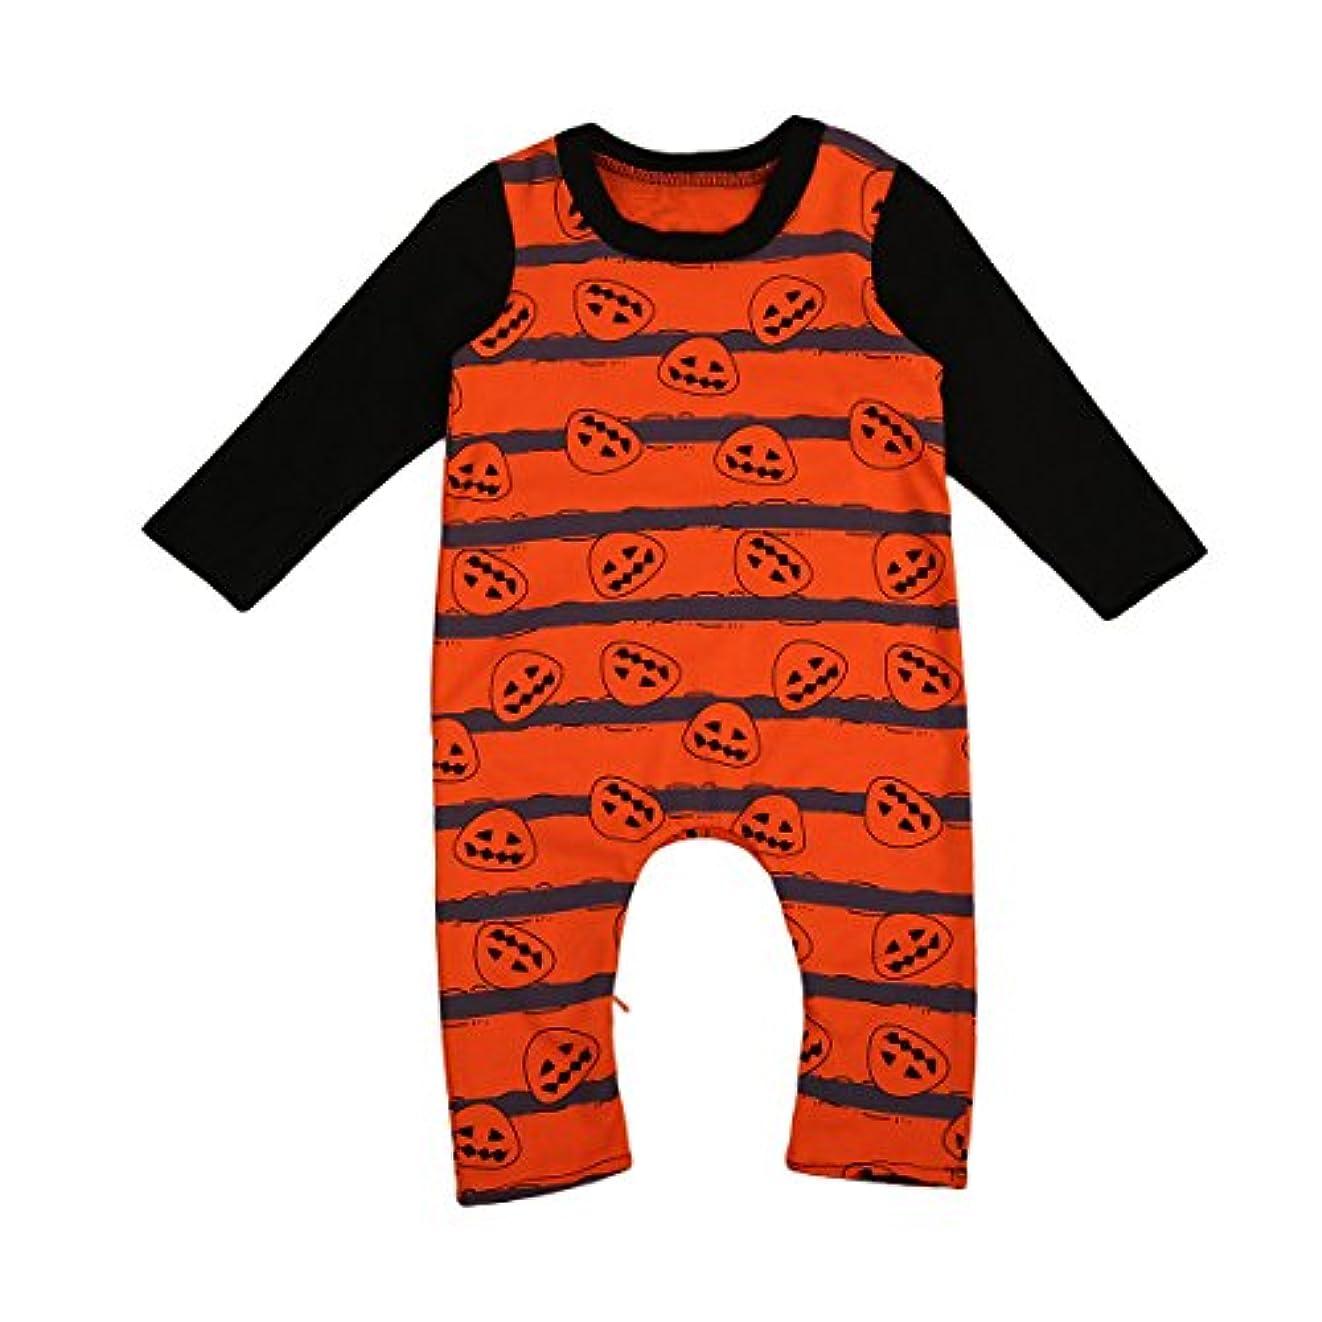 起訴する乗ってスケートカボチャのライトプリント ロンパース 女の子 赤ちゃん 長袖シャツ ストライプパターン ラウンドネックダウンスーツ ロングパンツ かわいい ハロウィンギフト 0-24ヶ月 (18-24ヶ月, オレンジ)